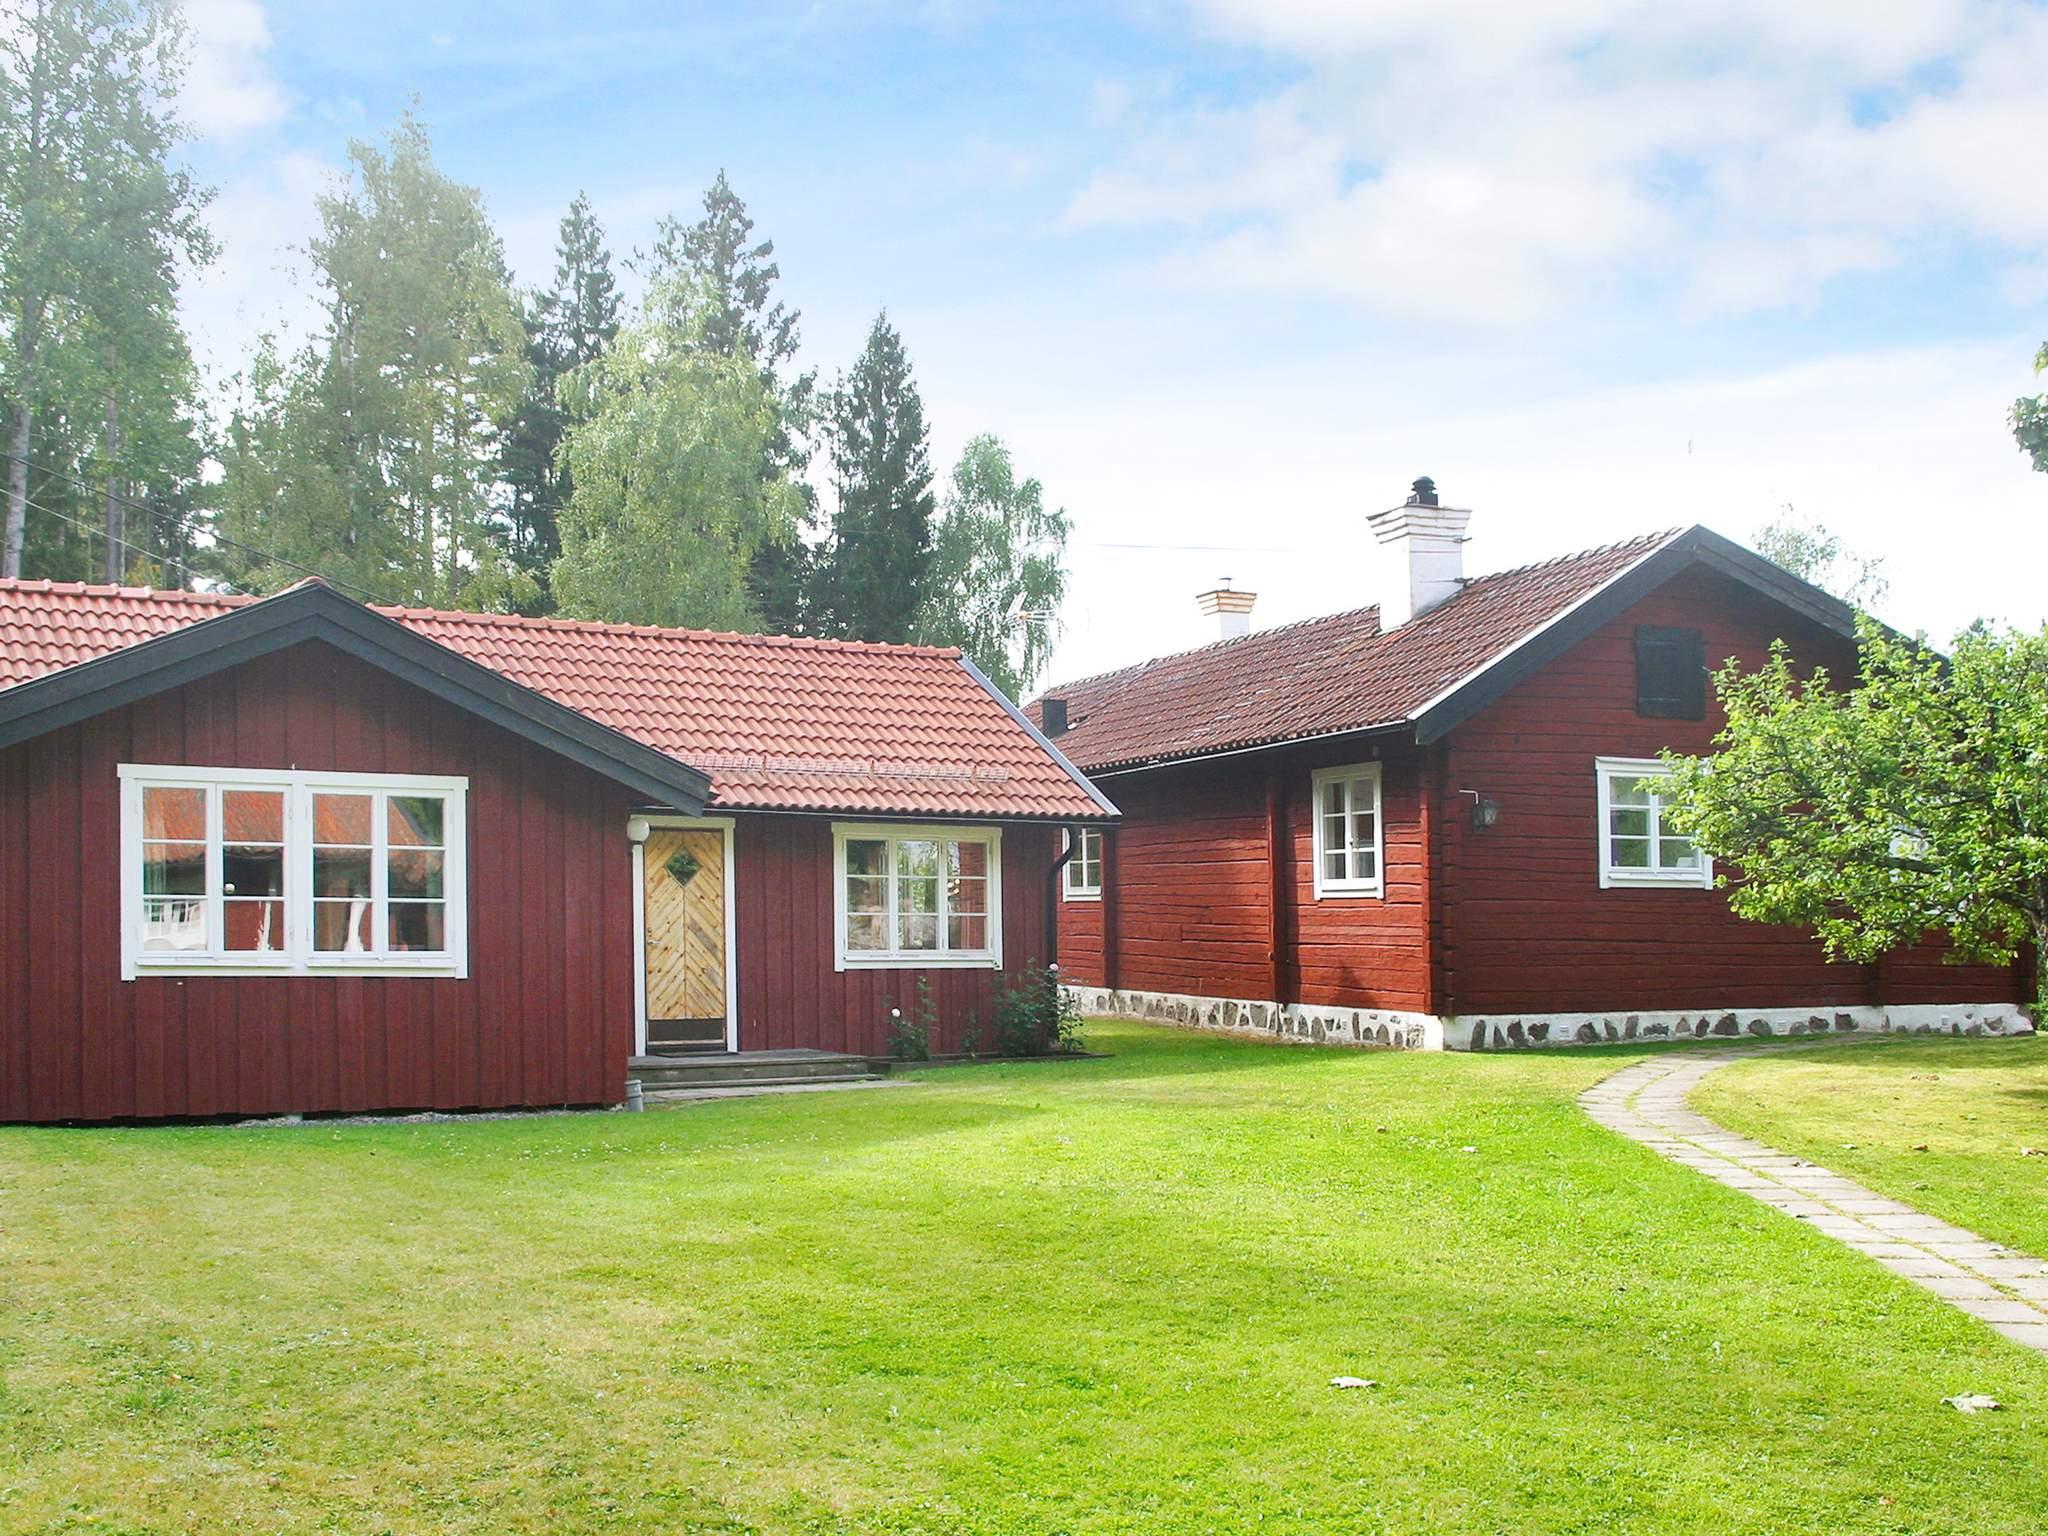 Ferienhaus Köping (953852), Köping, Västmanlands län, Mittelschweden, Schweden, Bild 18